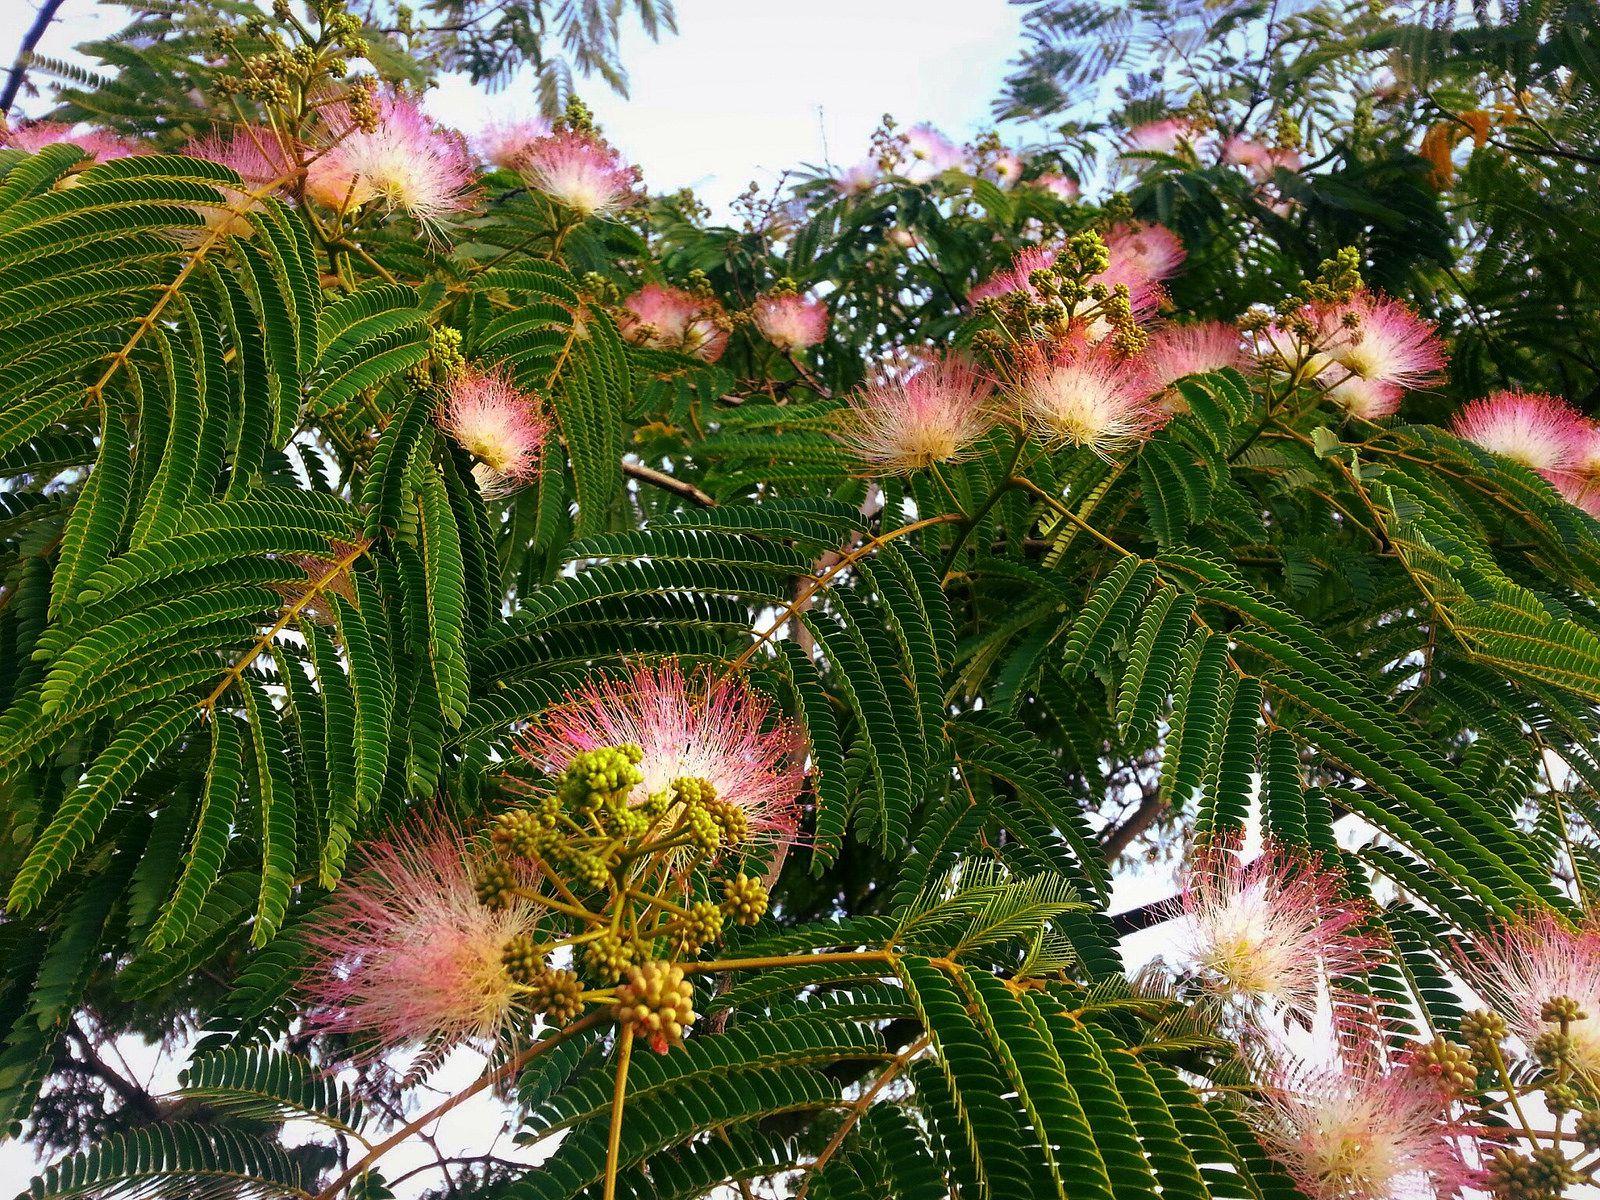 Albizia julibrissin (mimosa tree) in bloom